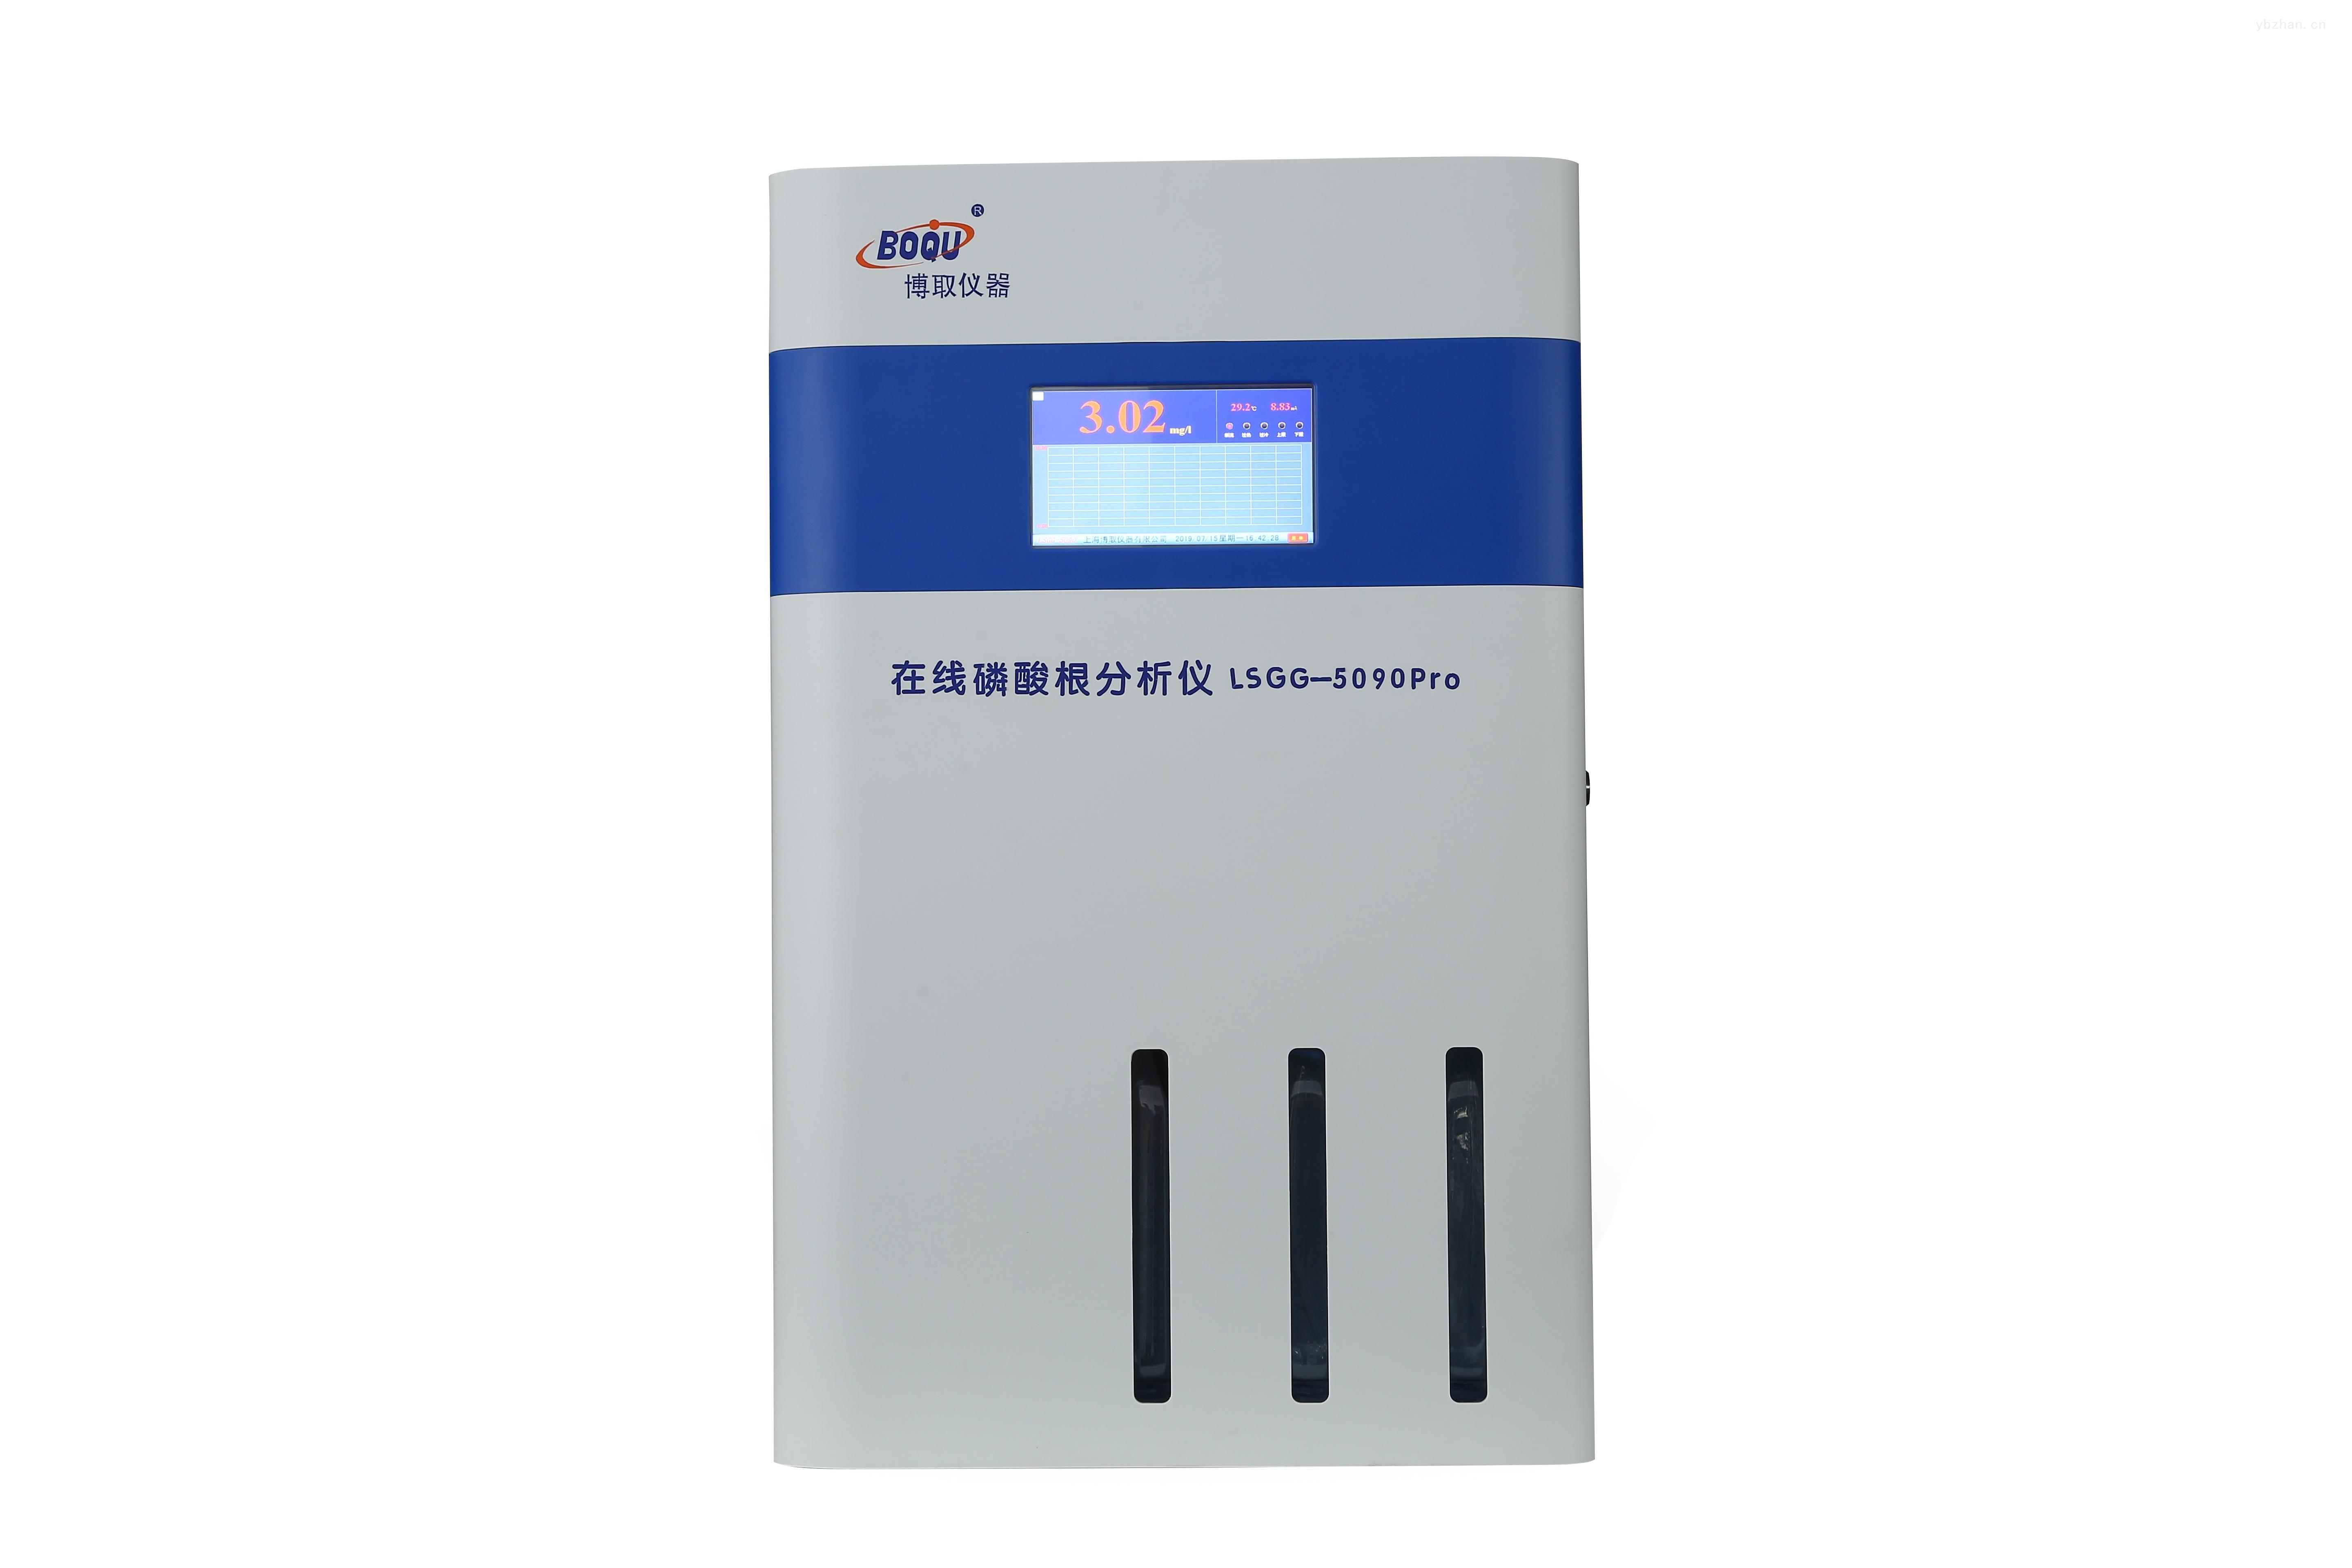 在线磷酸根分析仪LSGG-5090Pro